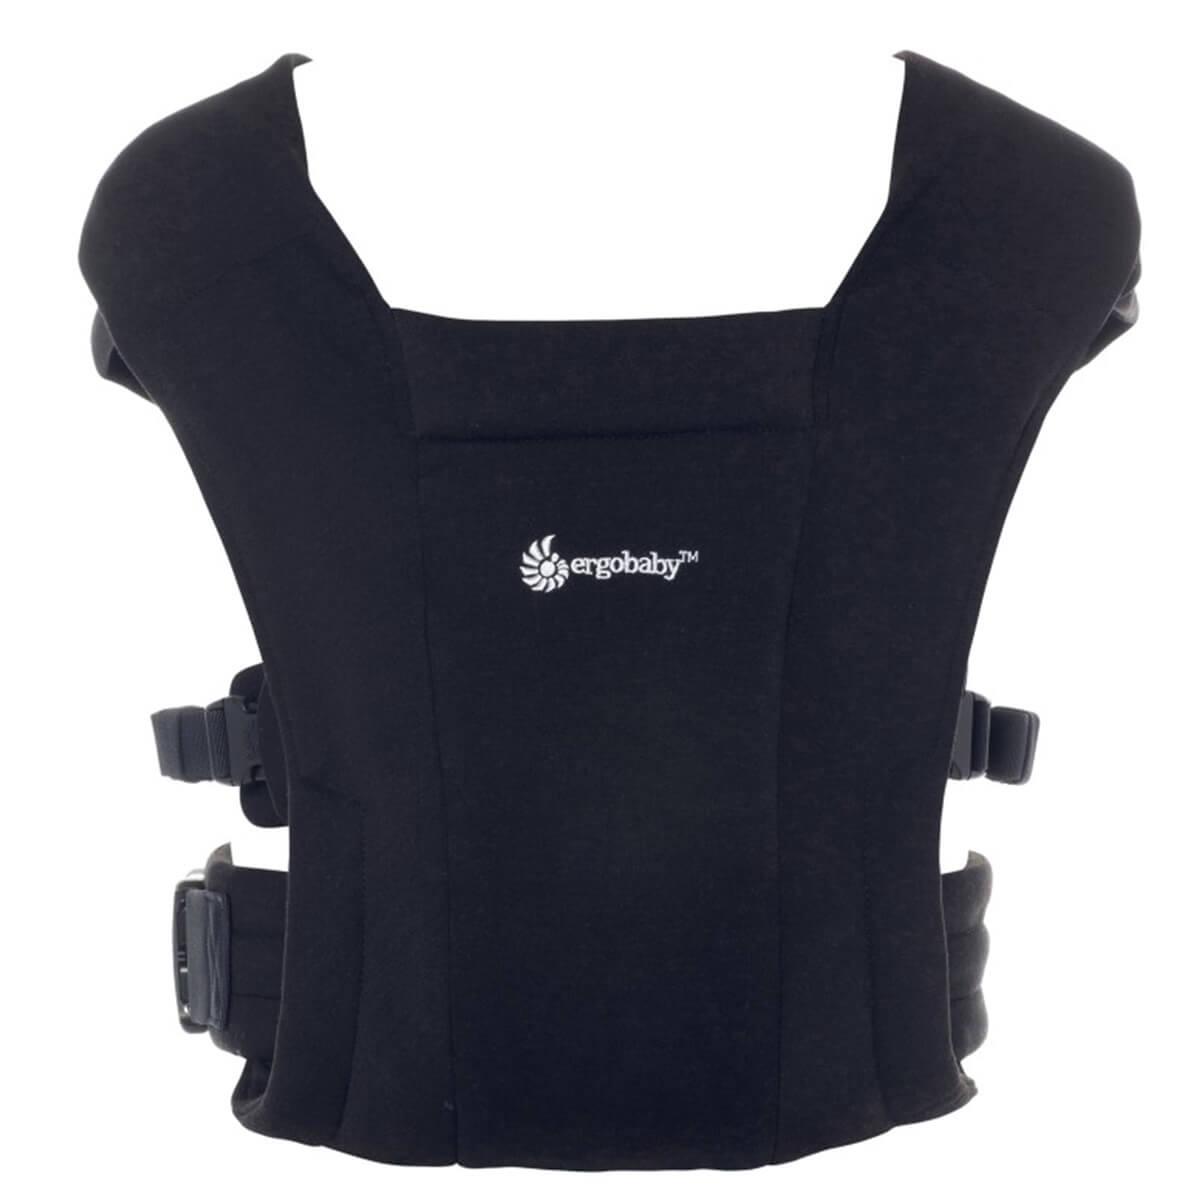 Ergobaby nosiljka Embrace Black